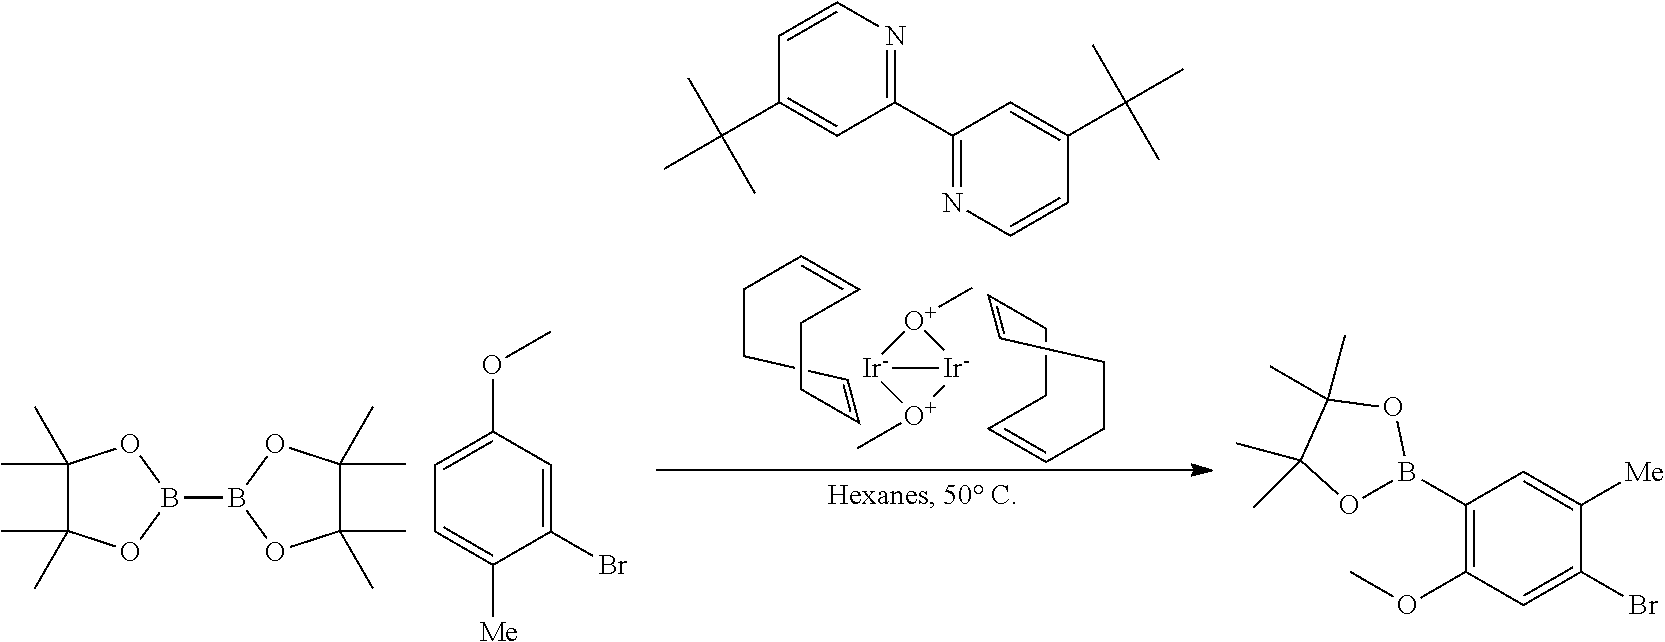 Figure US09212182-20151215-C00156